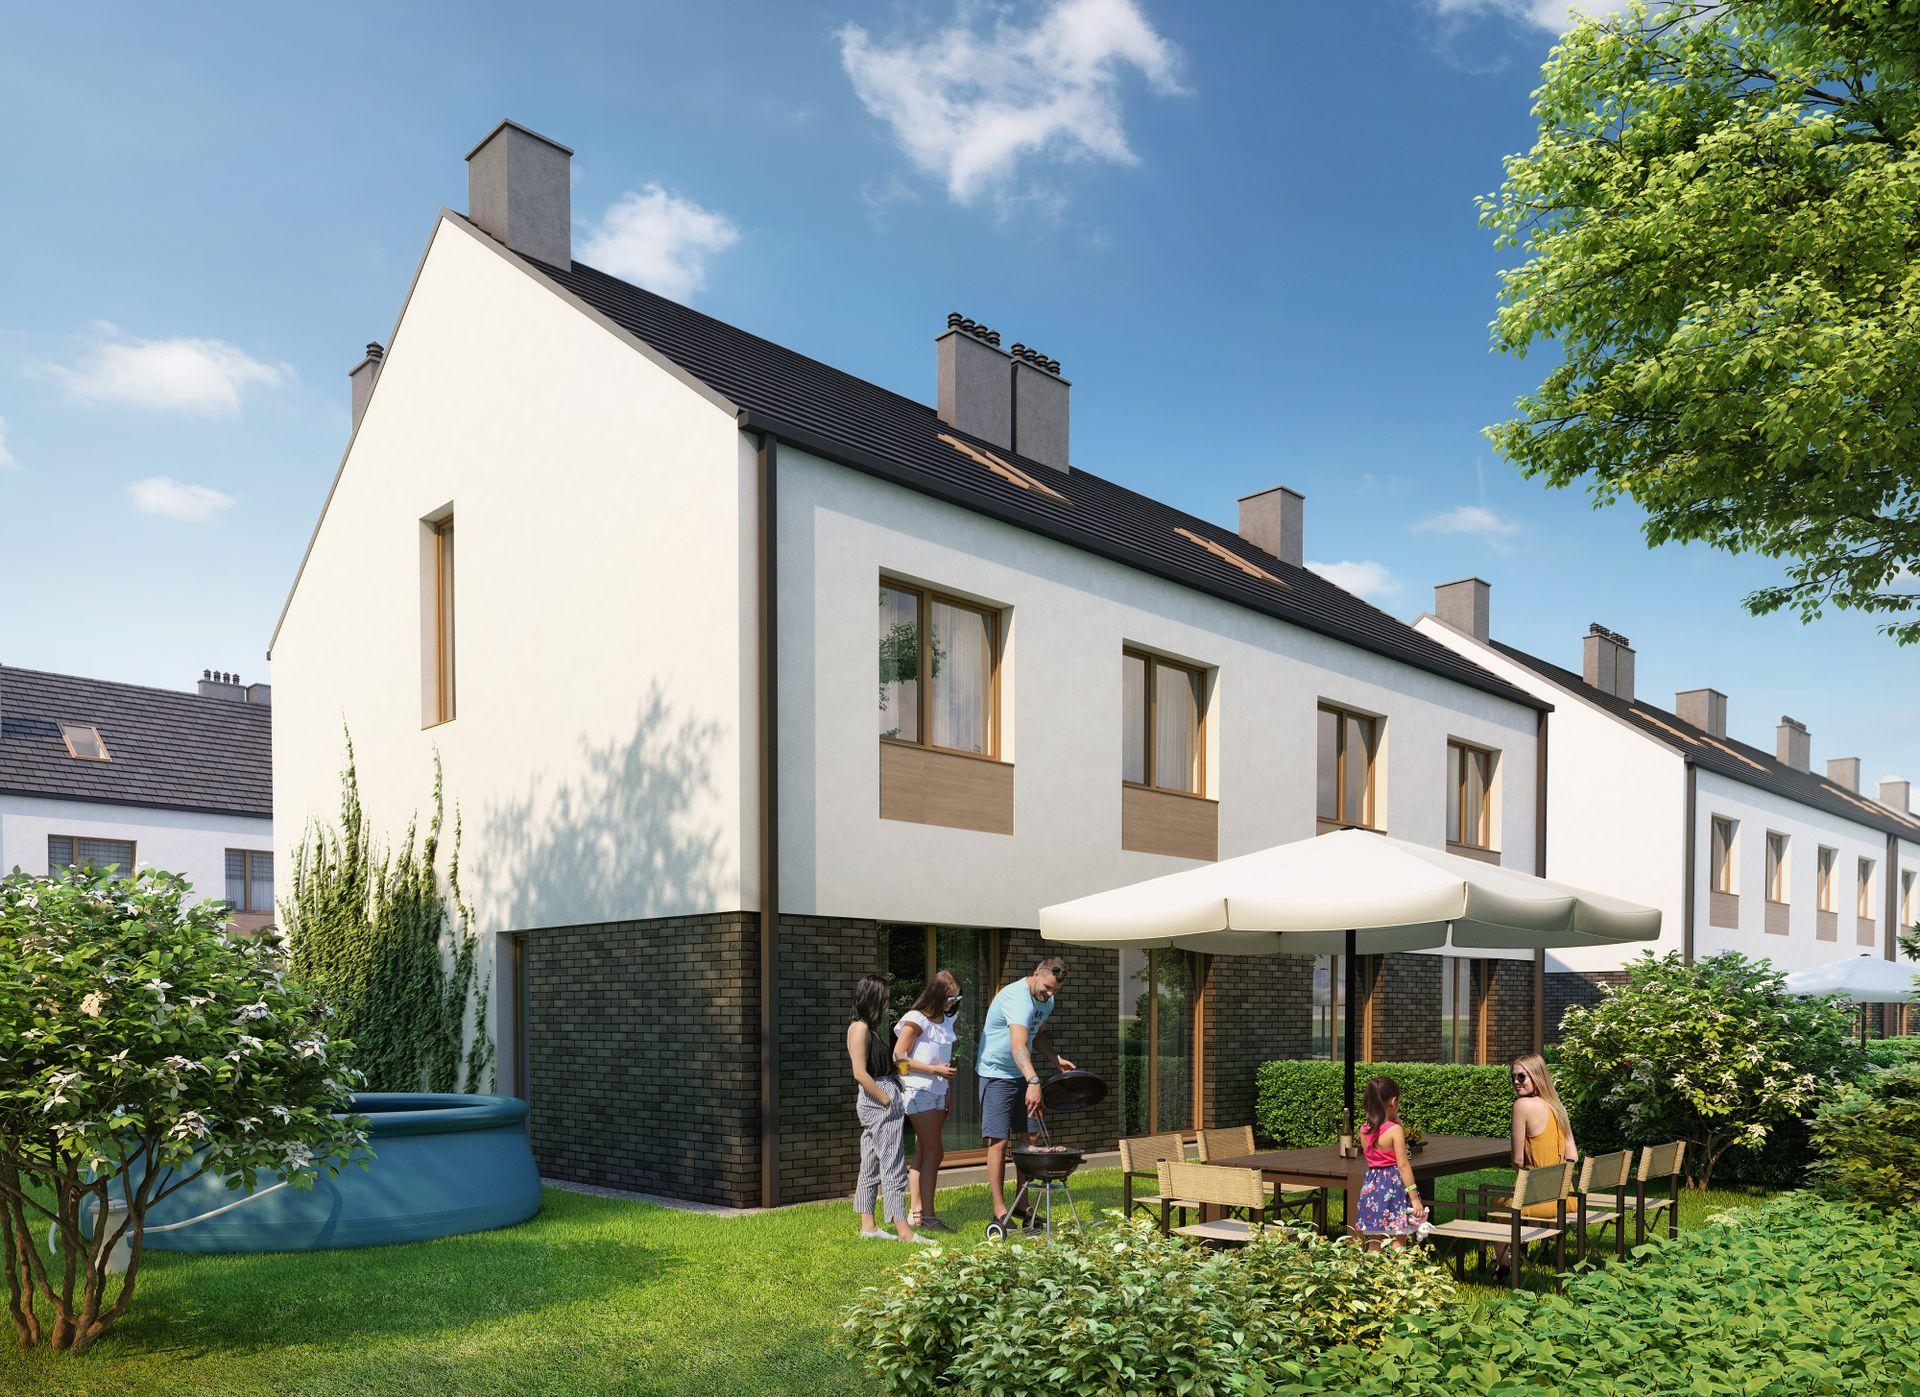 Budus-Developer rozbudowuje osiedle Domy Wysoka